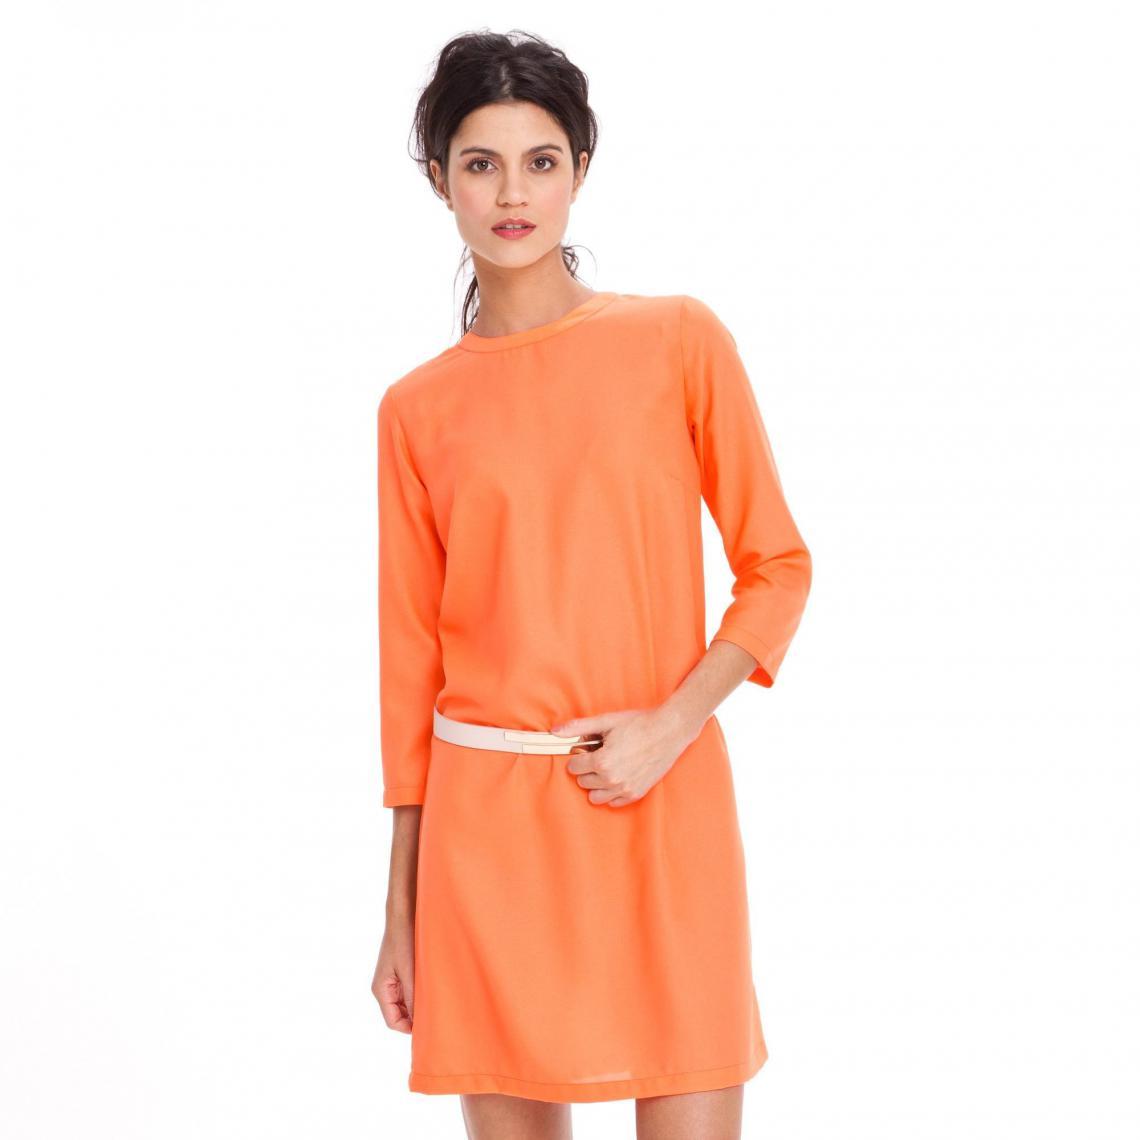 74781d06061 Robe housse manches longues fluide ample femme - Orange 3 SUISSES  Collection Femme